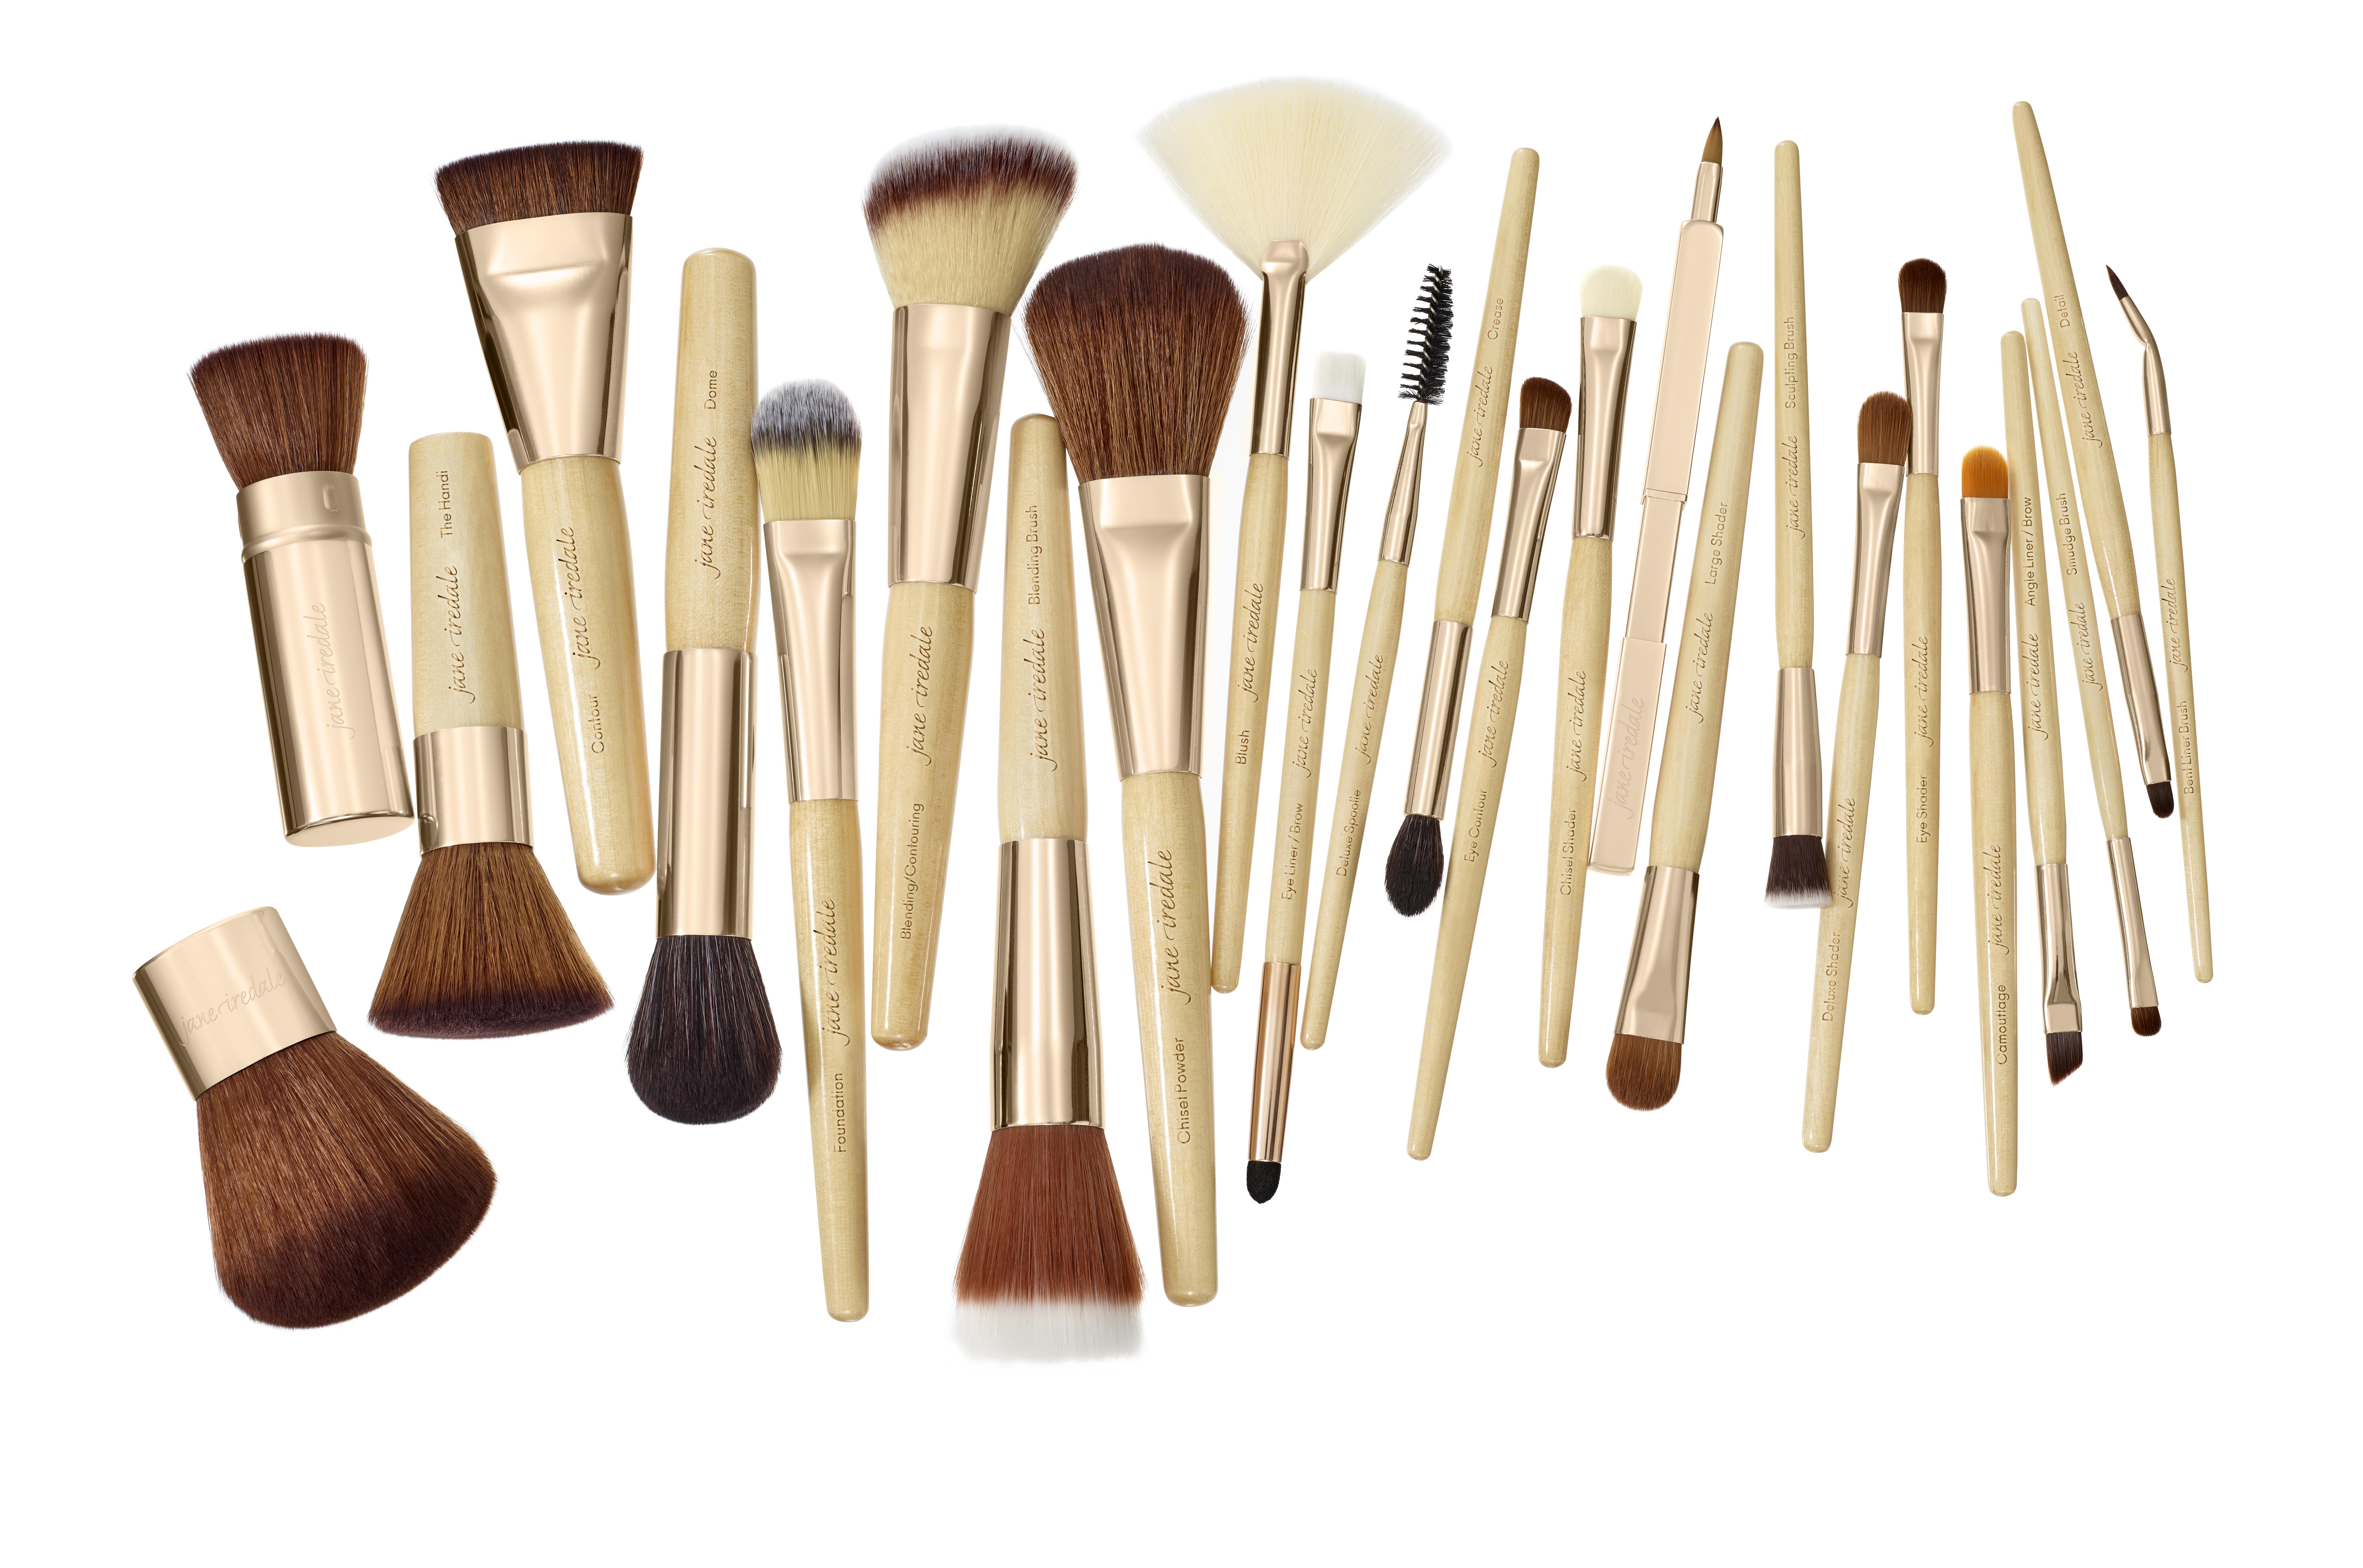 Vegan Makeup Brushes & More